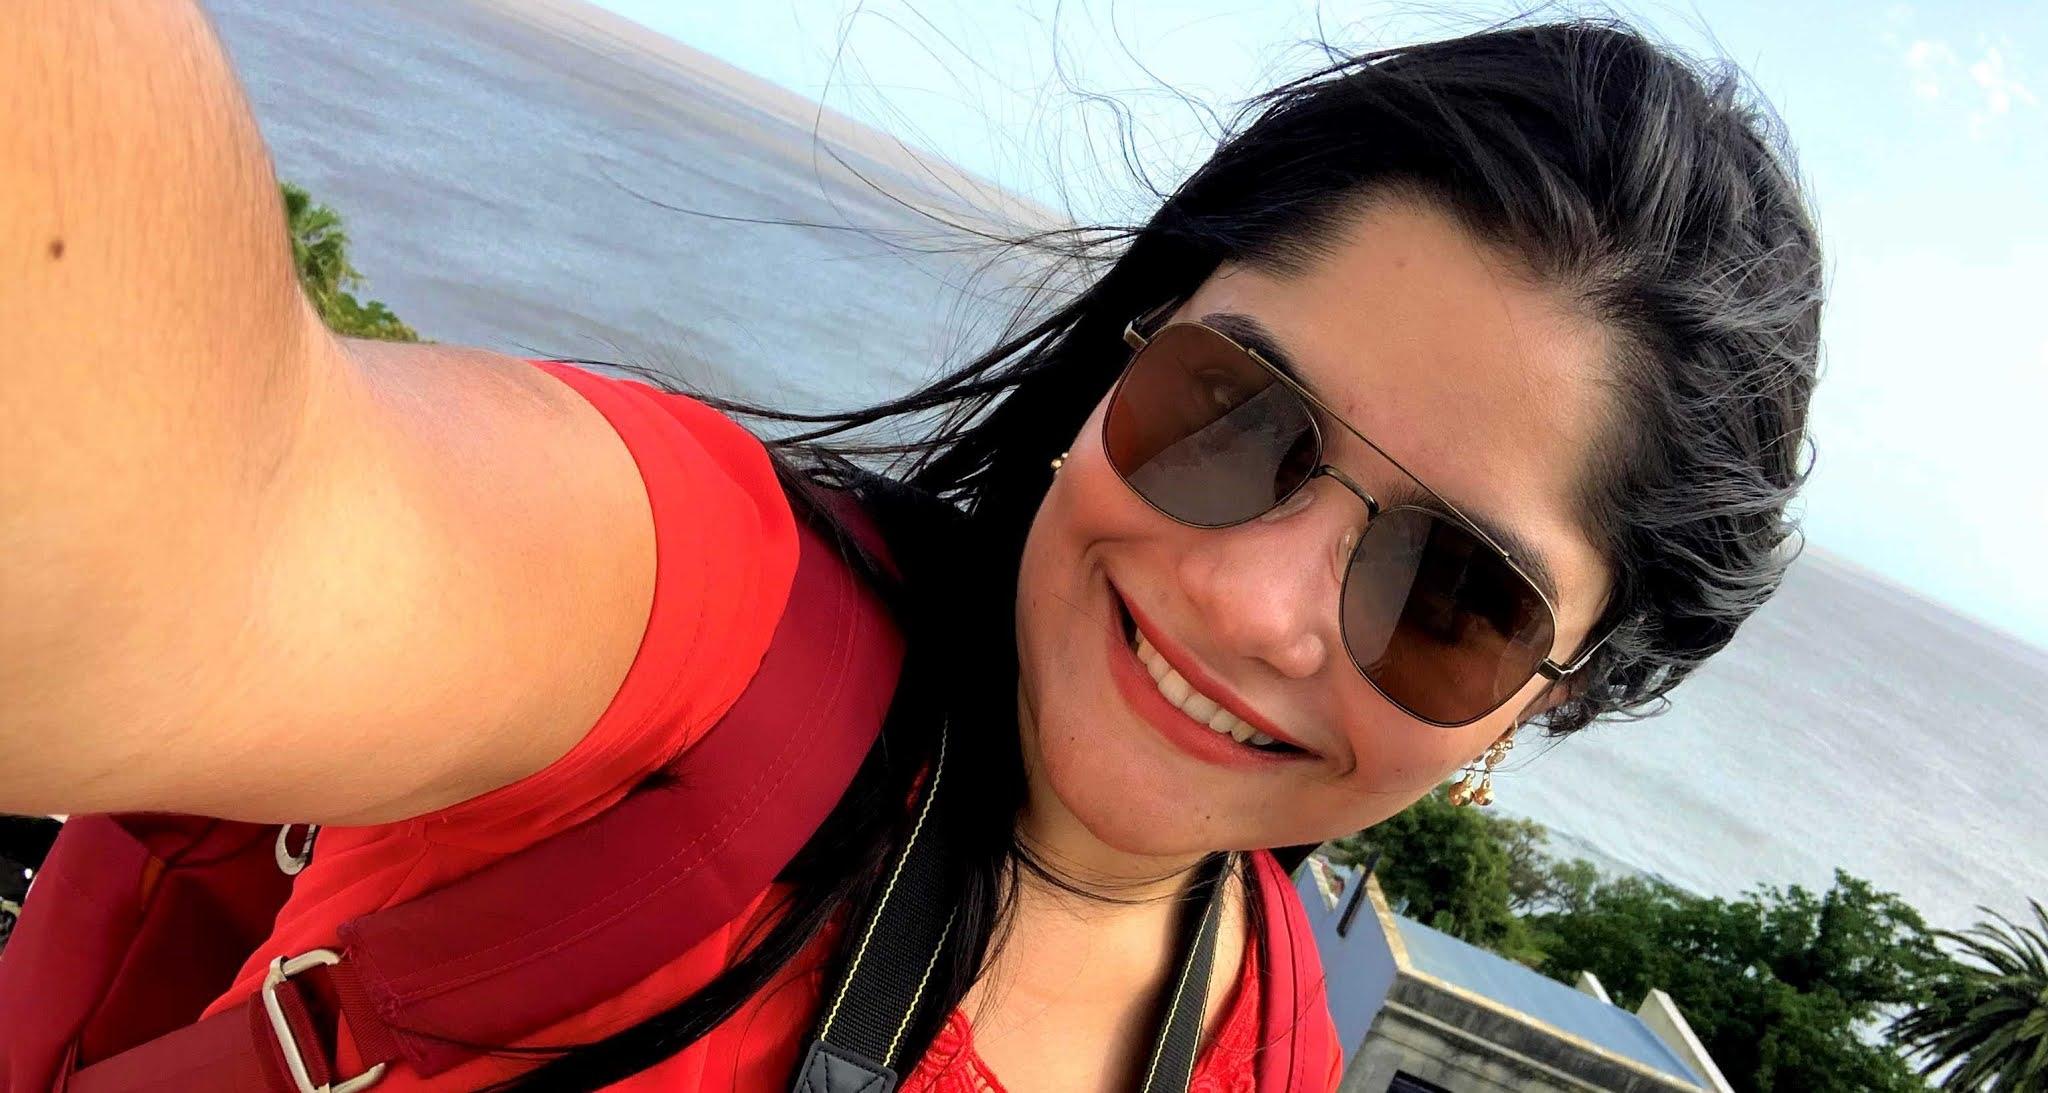 selfie mulher jovem com oculos escuros, cabelo preto, morena e blusa vermelha